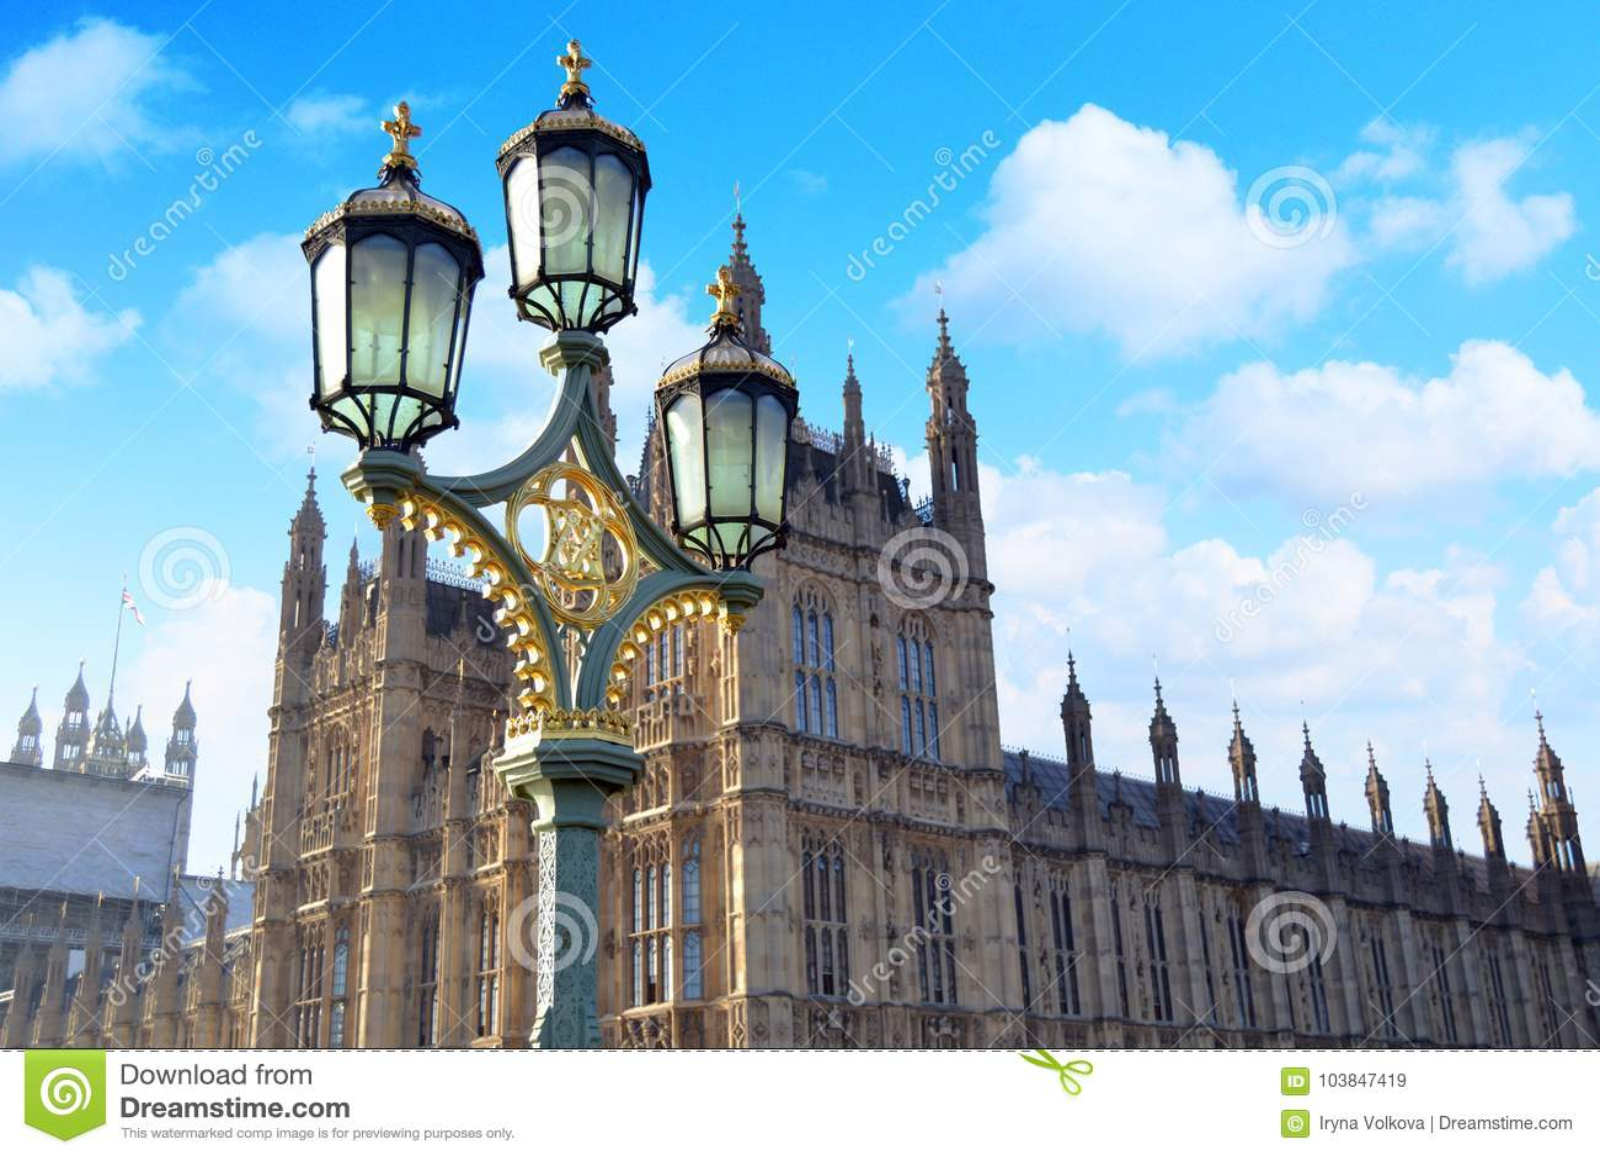 Réverbères sur le pont de Westminster